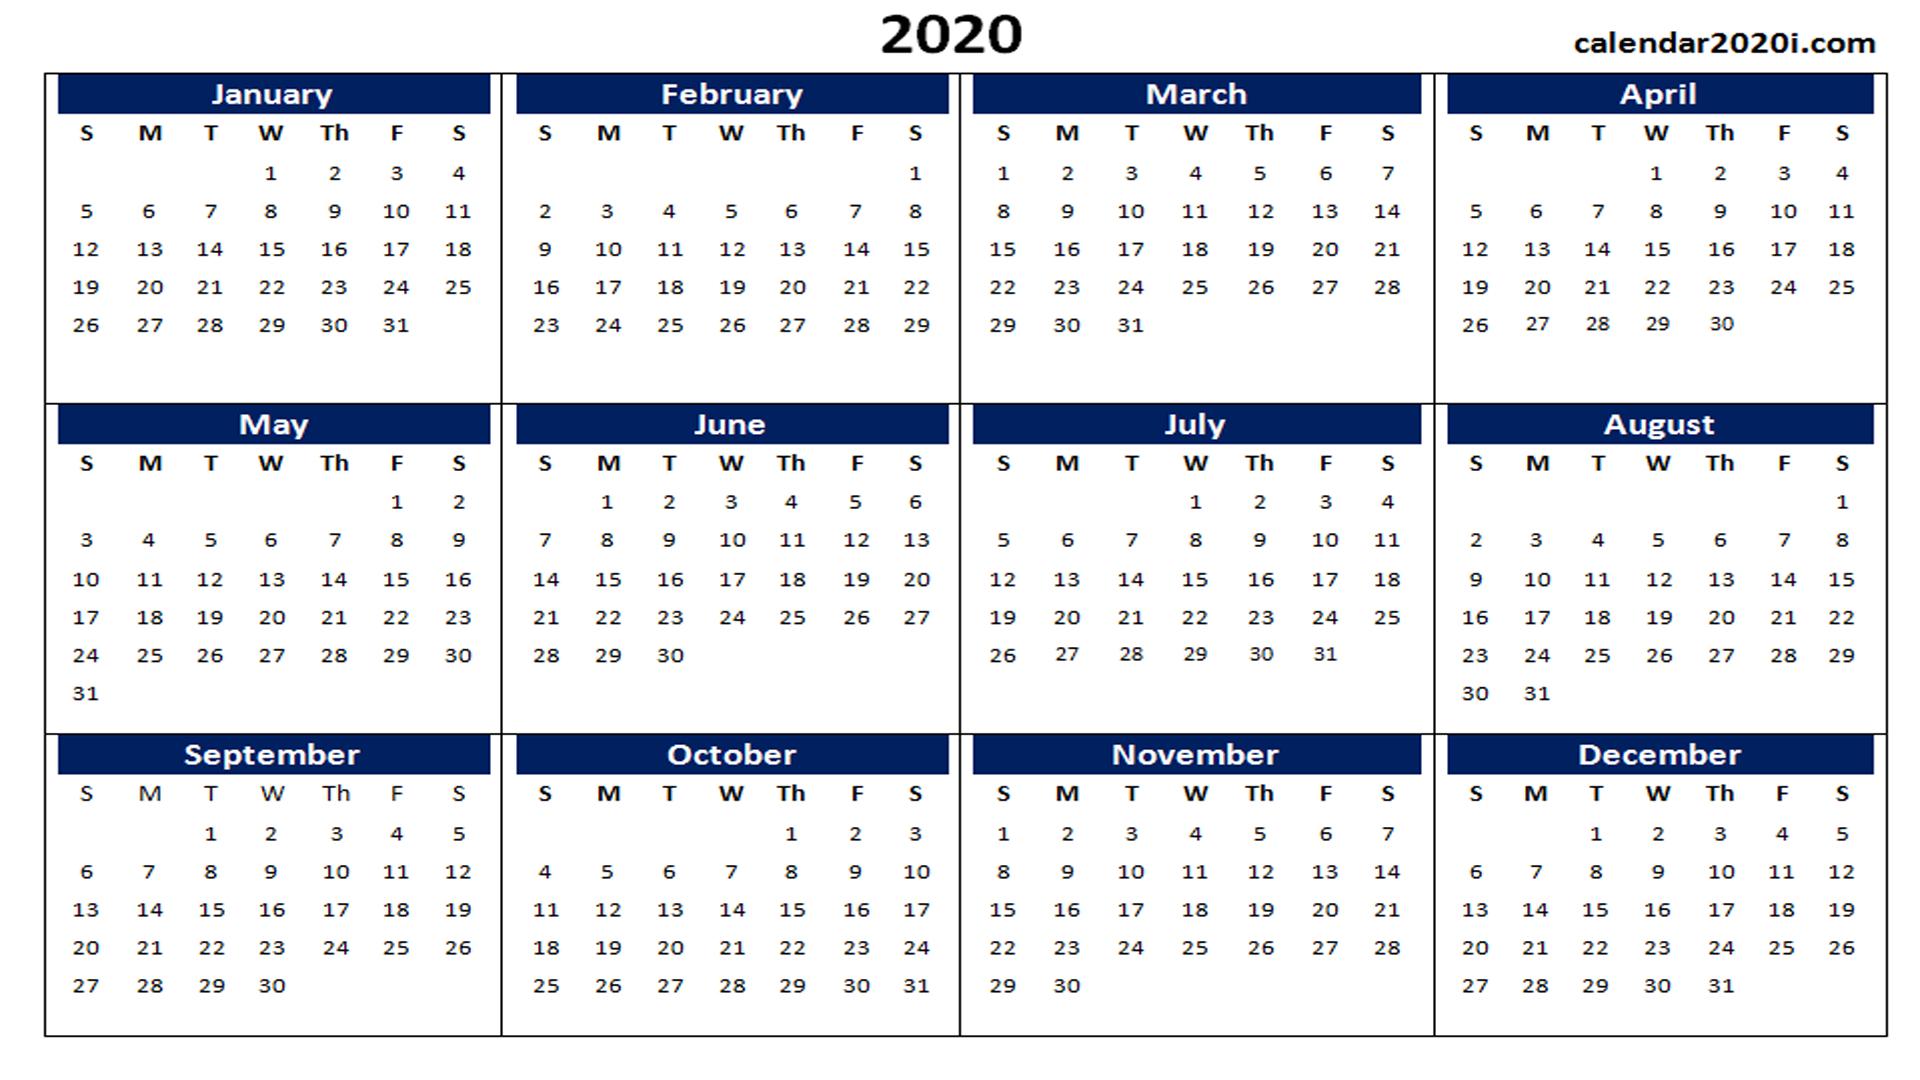 Blank 2020 Calendar Printable Templates | Calendar 2020 regarding Excel 2020 Calendar Year Formula